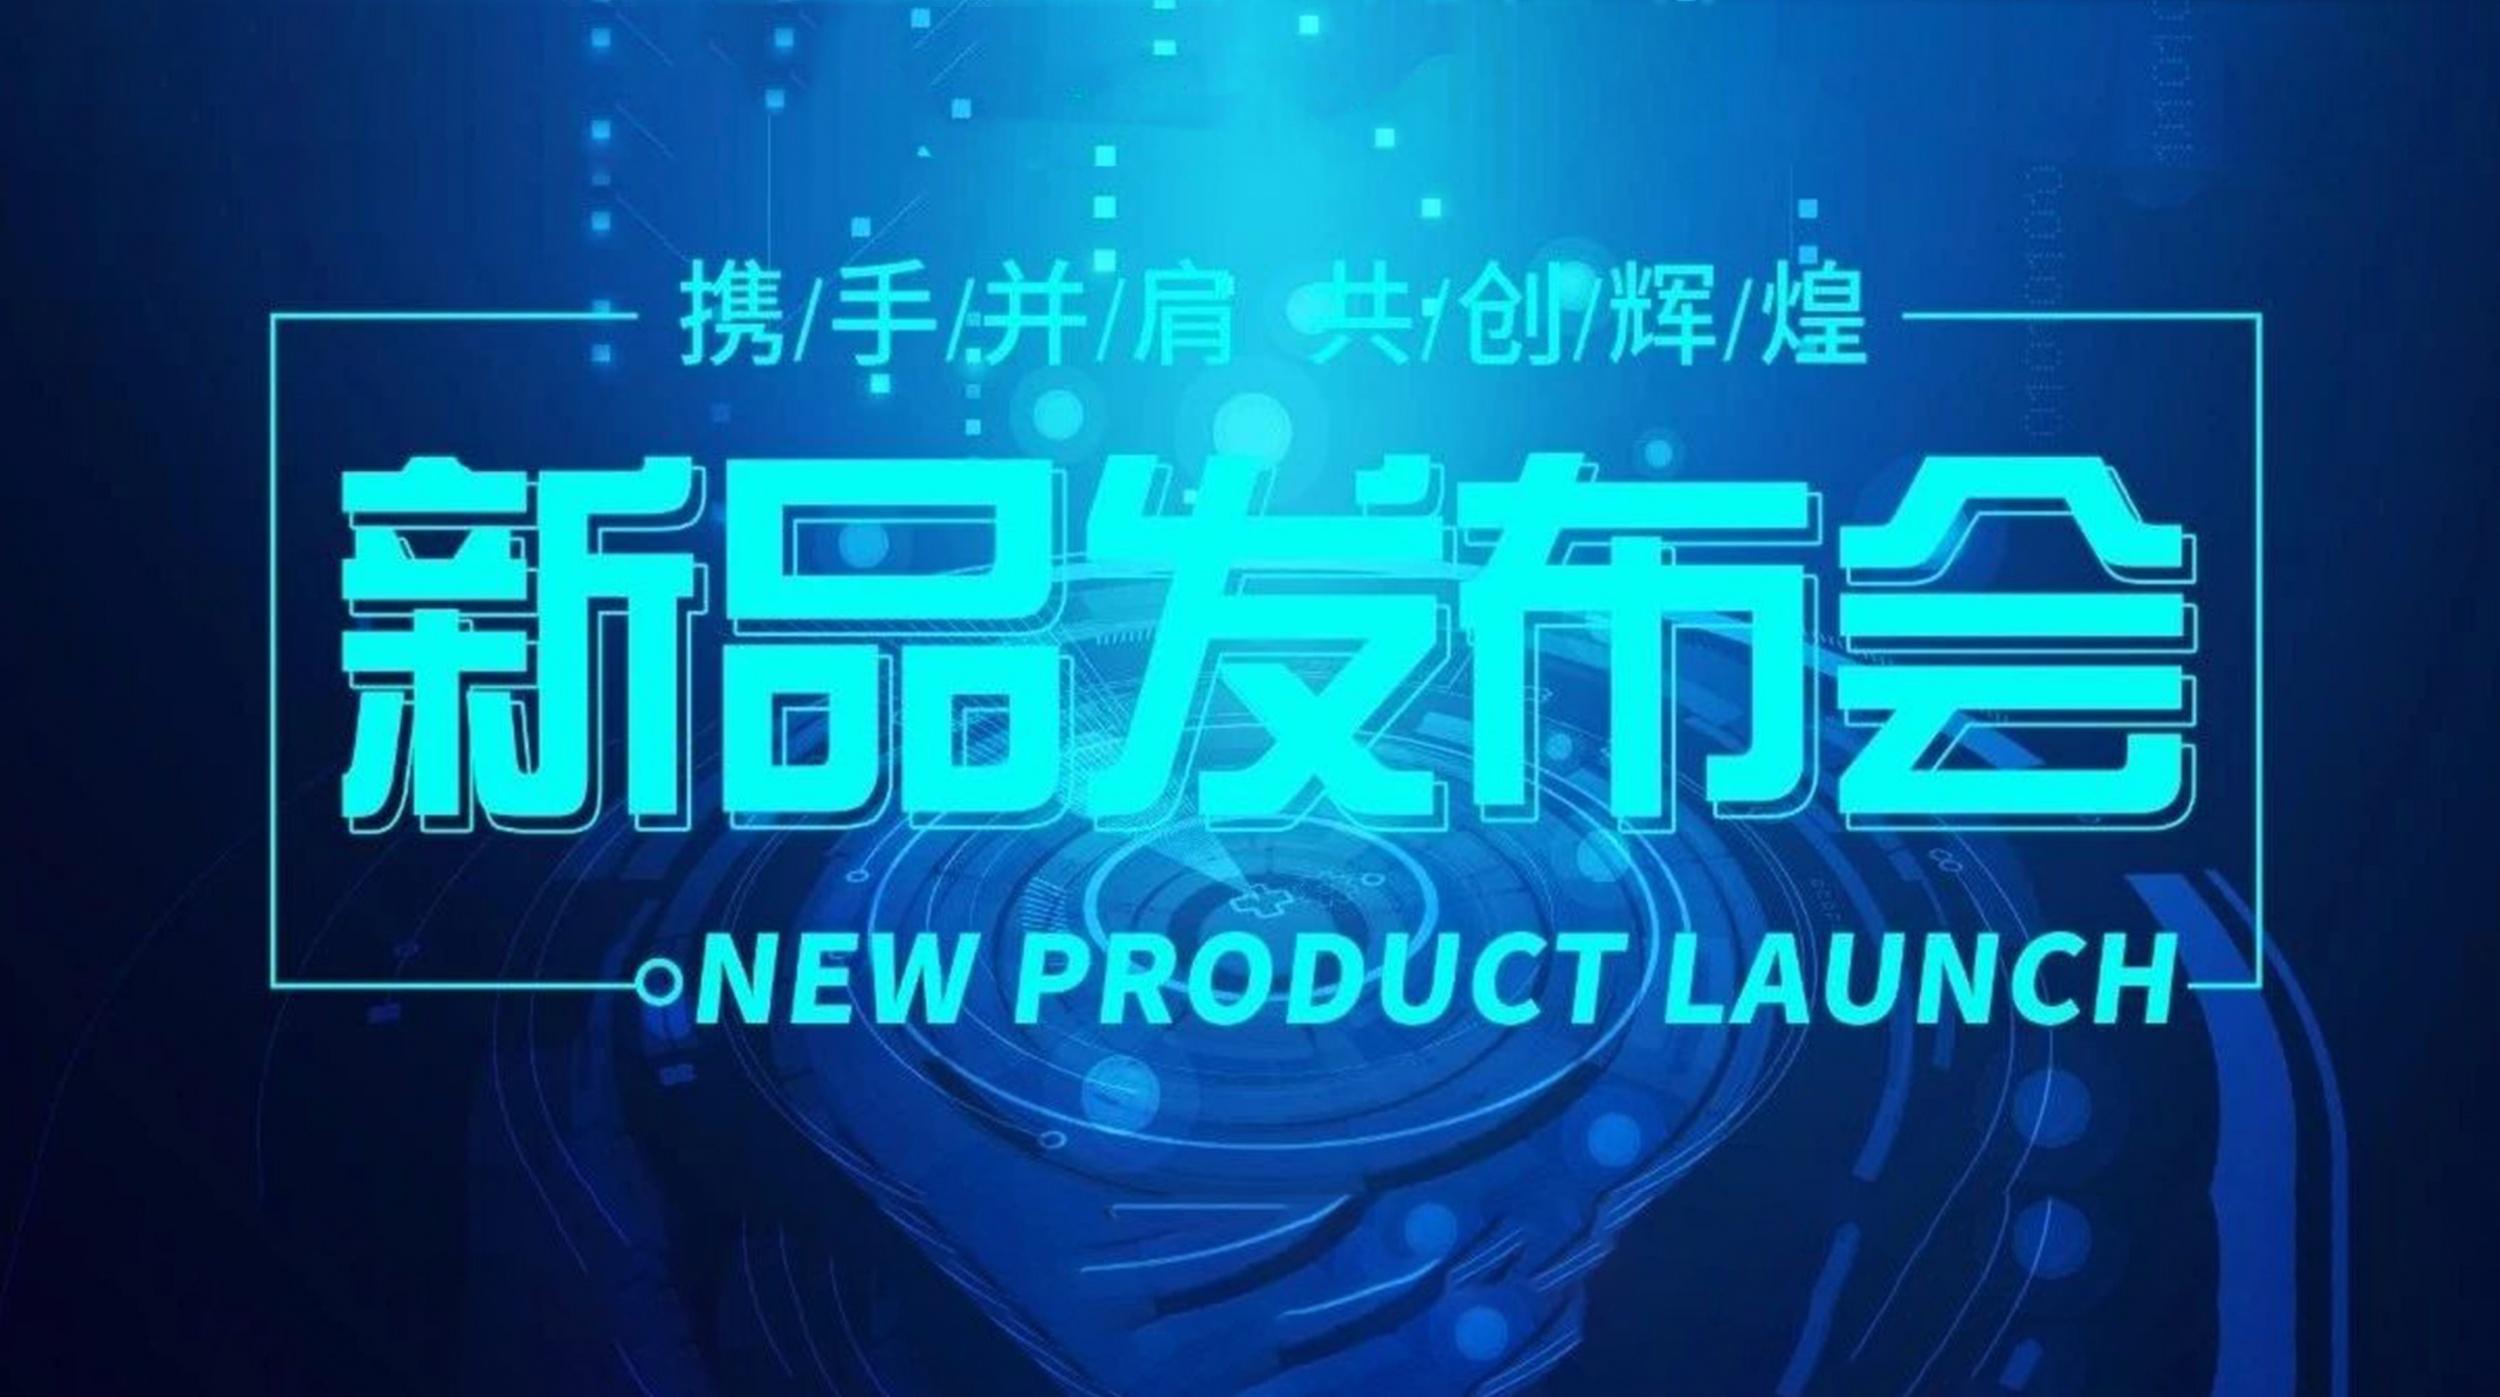 肺结节智能检测V4.0发布 产品迎来第四次重大更新